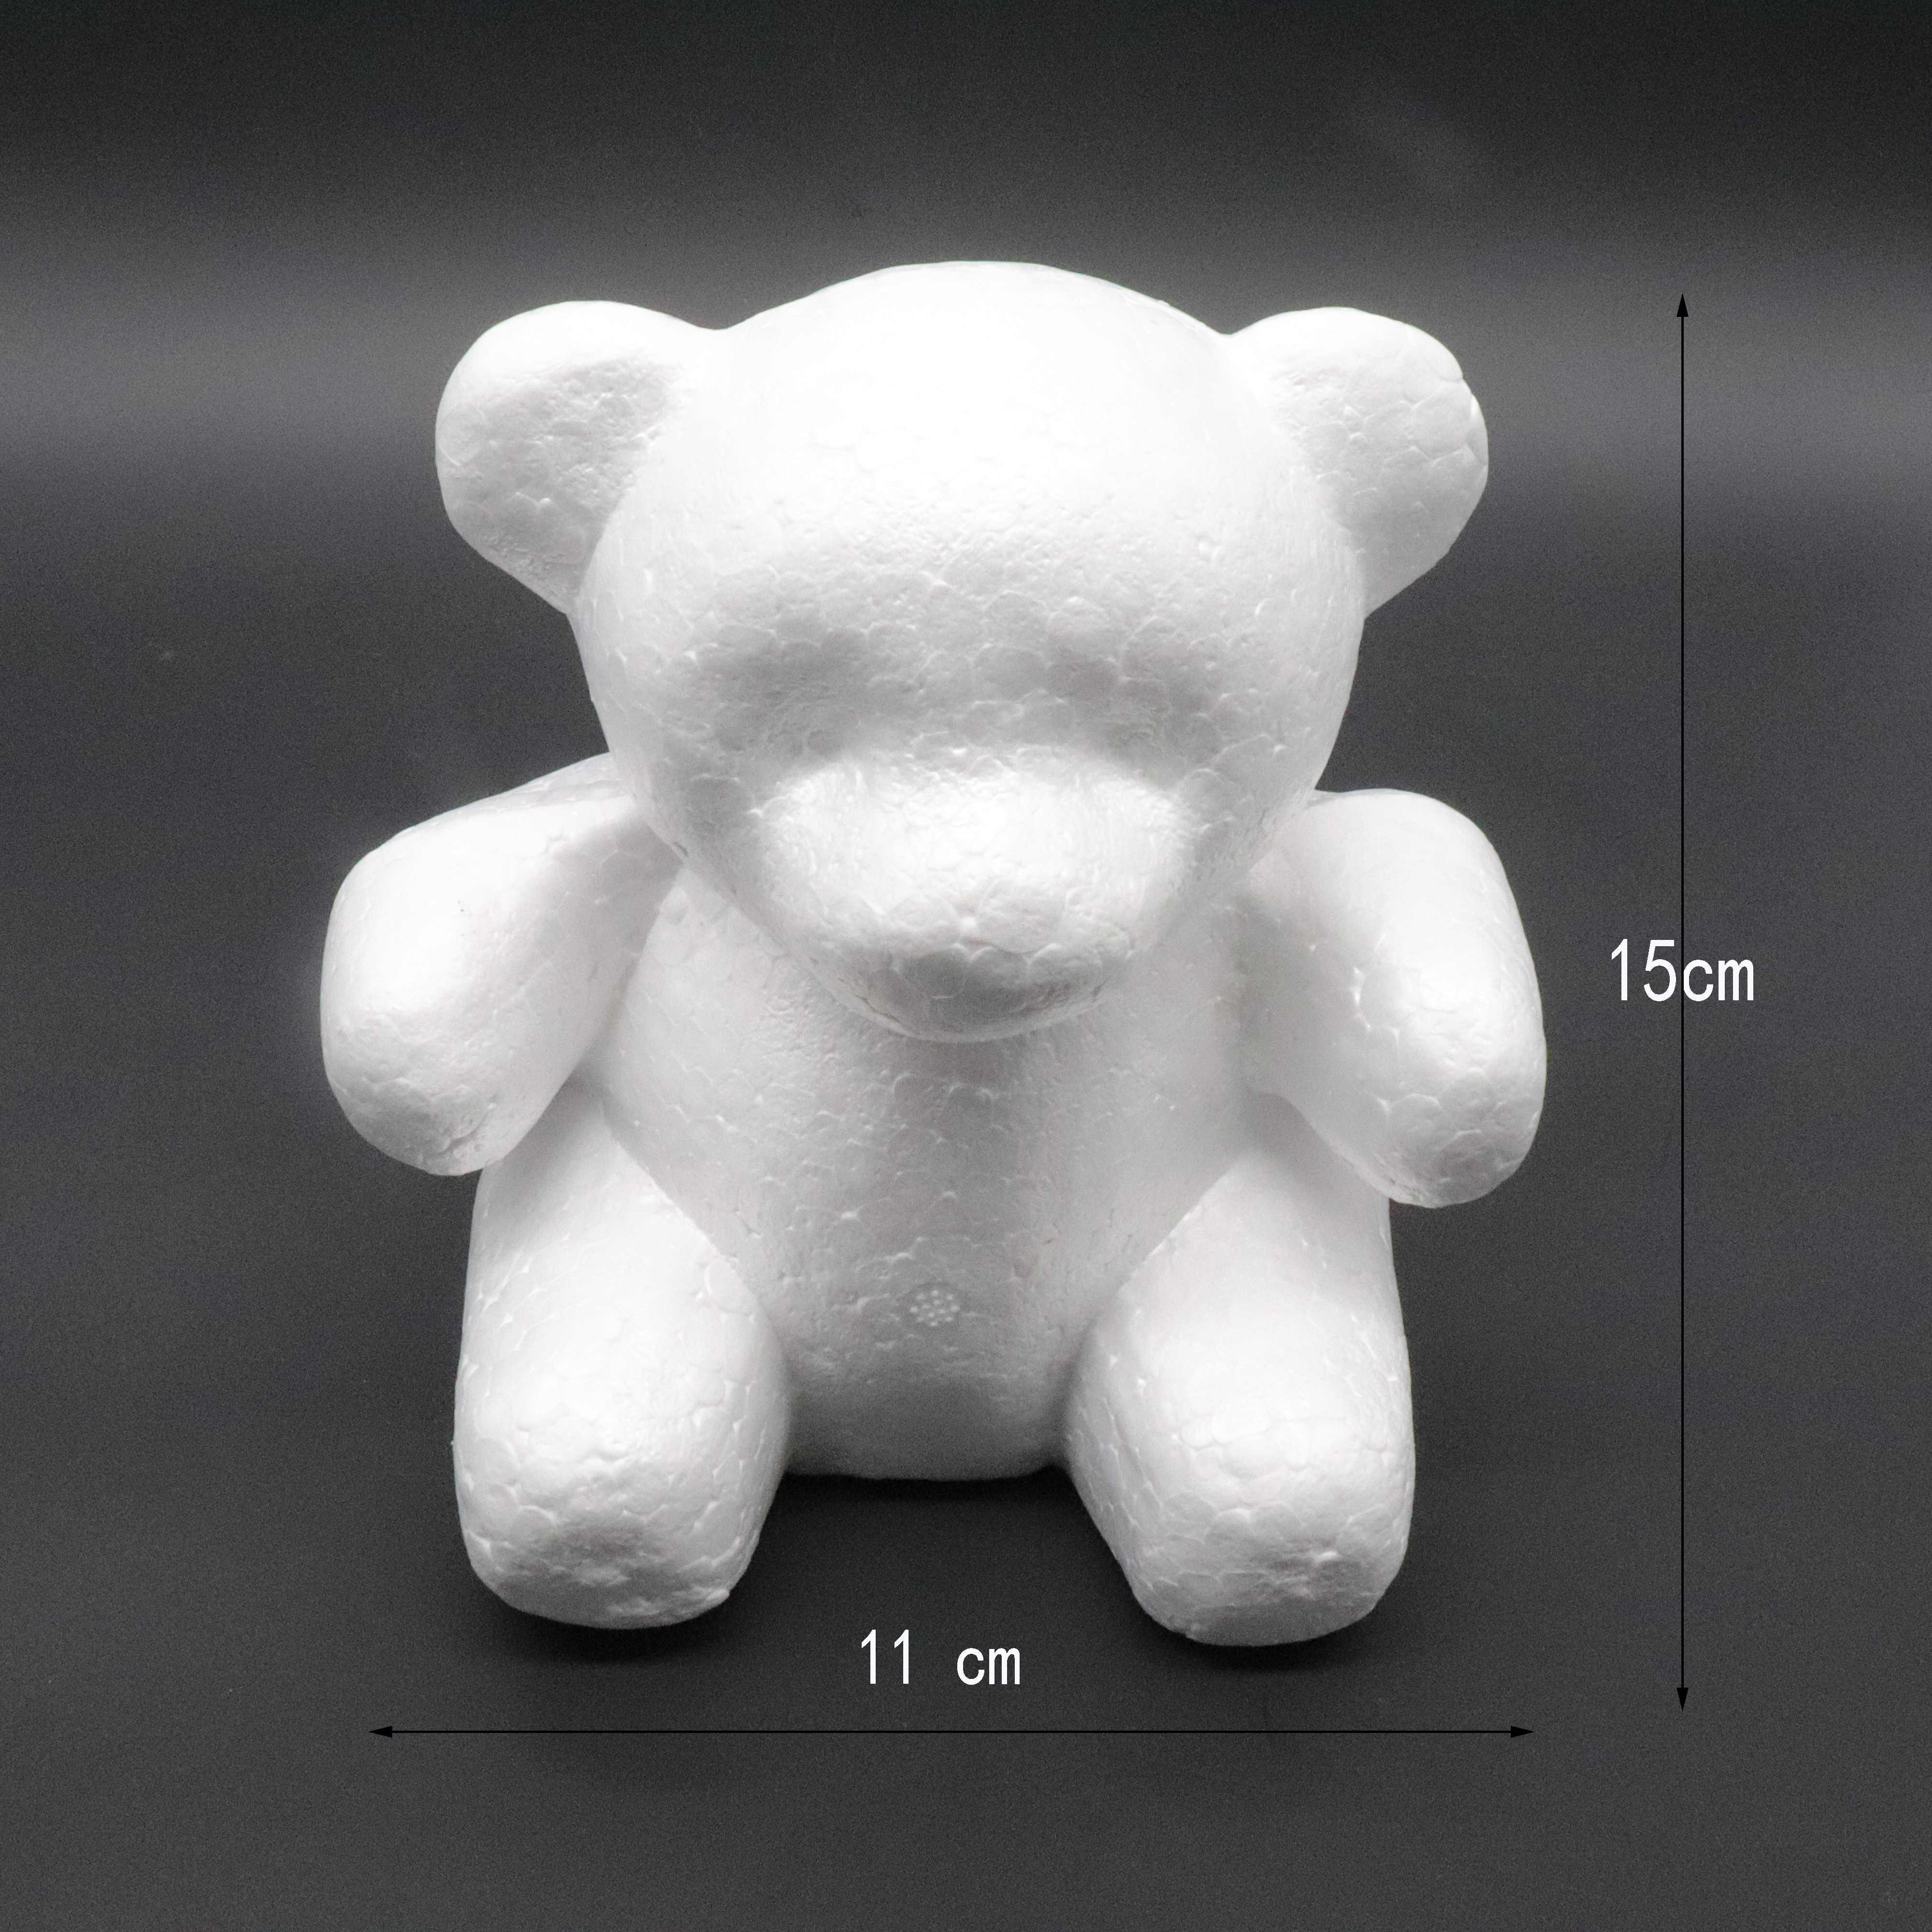 1 قطعة 150 مللي متر/200 مللي متر النمذجة البوليسترين الستايروفوم رغوة الدب الأبيض الحرفية كرات لتقوم بها بنفسك عيد الميلاد لوازم الديكور حفلة هدايا